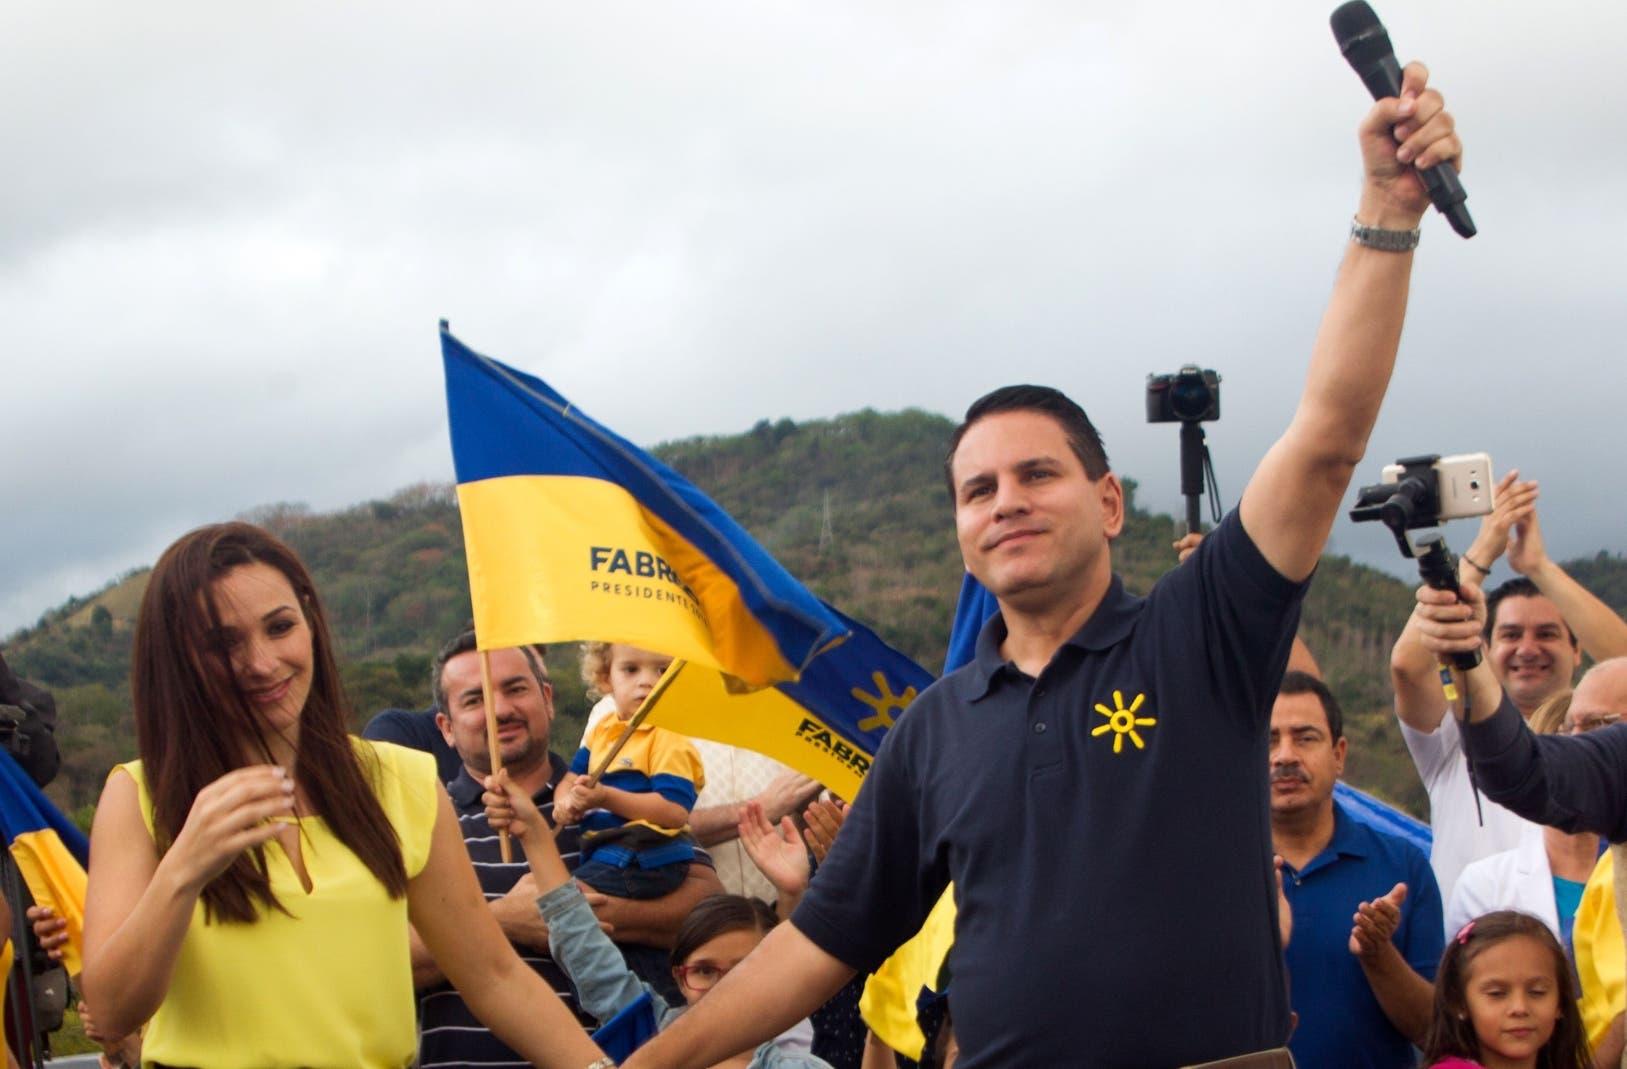 Fabricio Alvarado, uno de los favoritos en la segunda vuelta, con 43 años, podría gobernar Costa Rica desde mayo.  AP